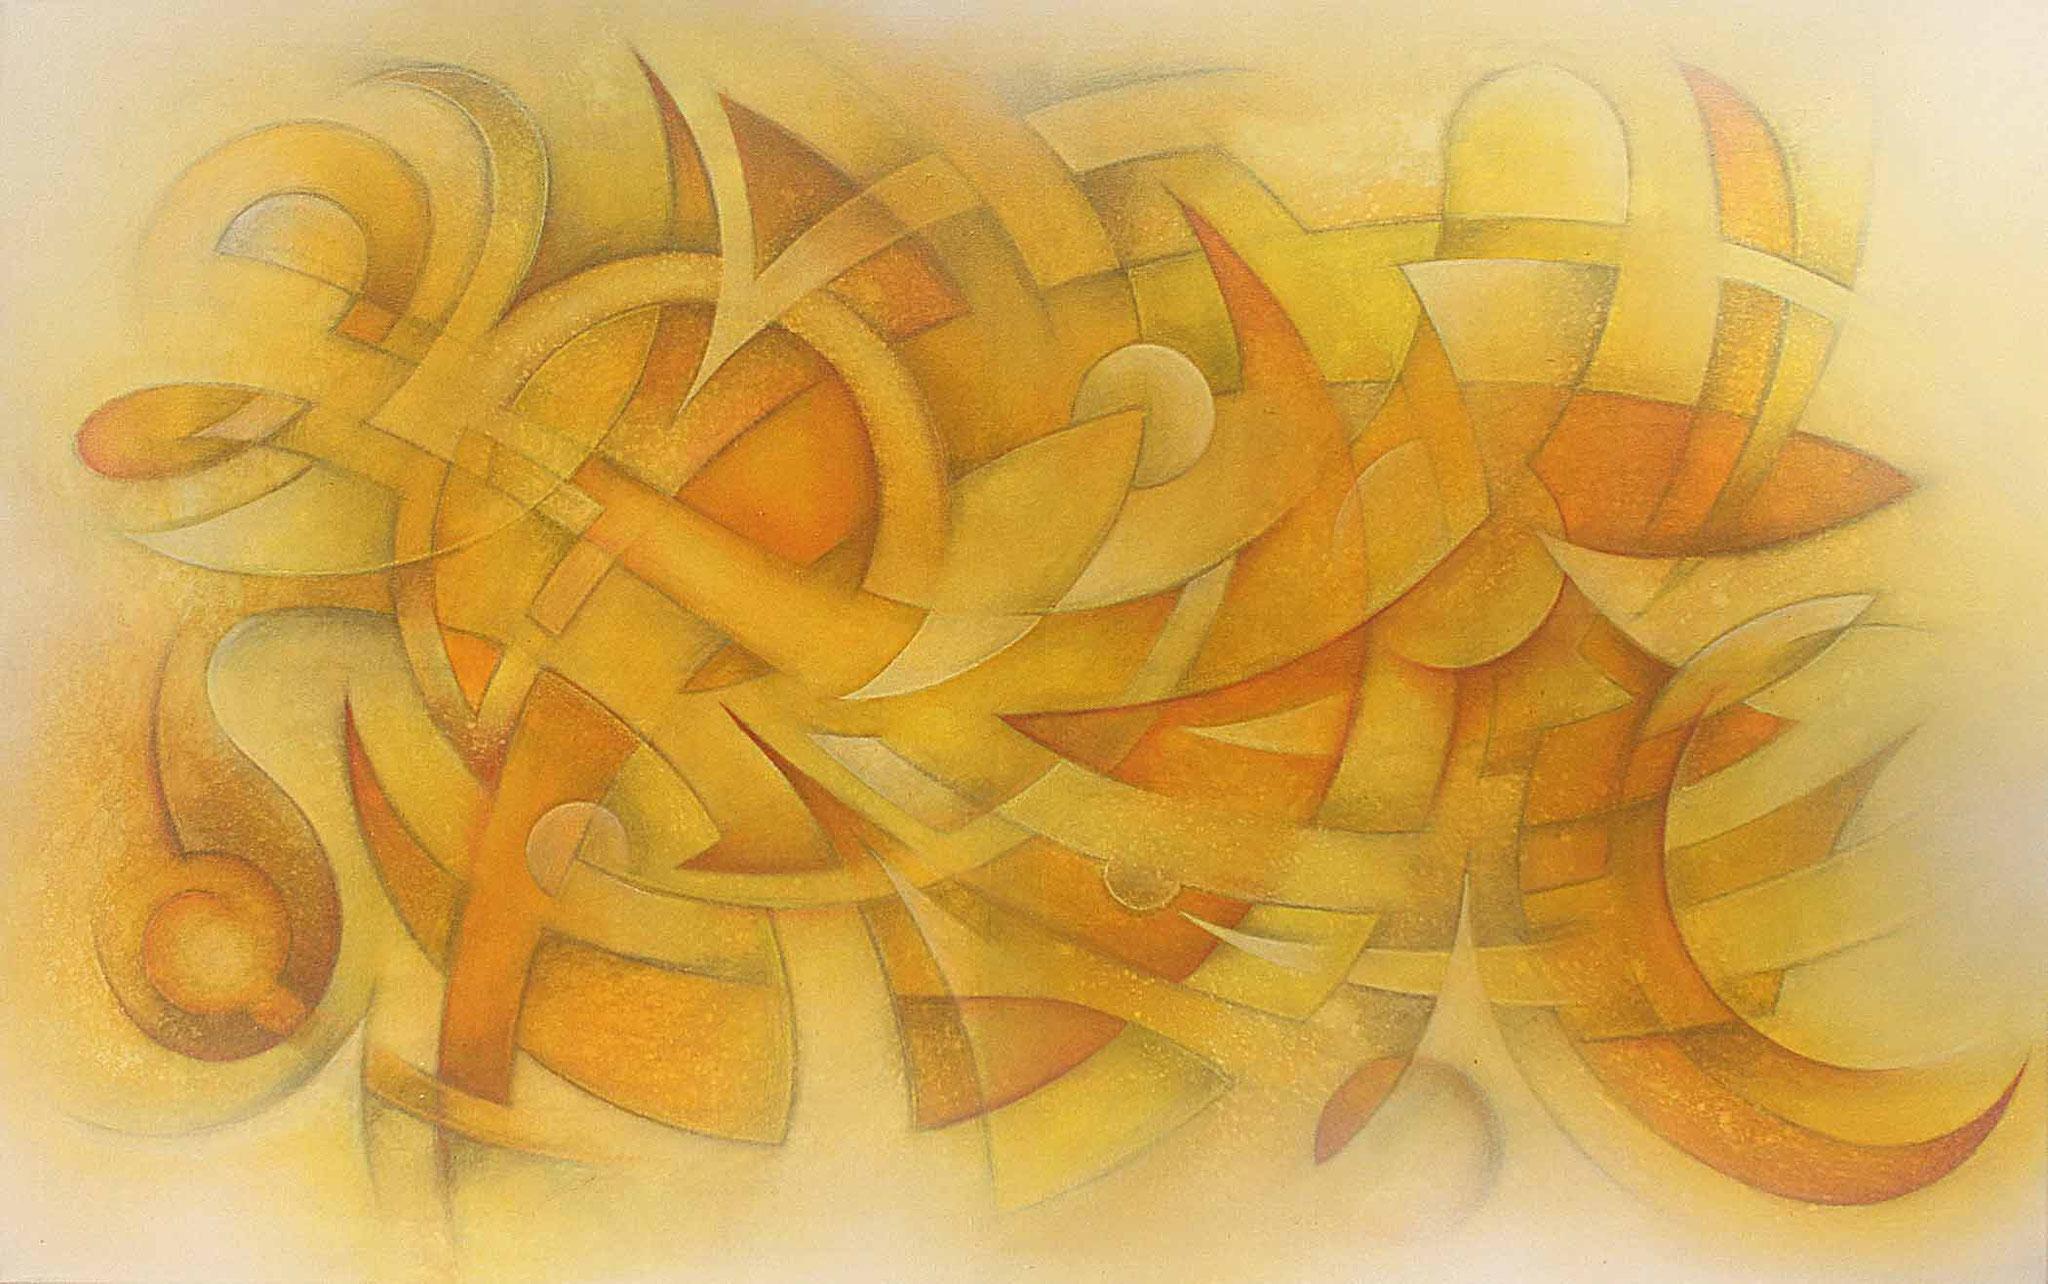 konstruktivistische Gemälde Komposition in gelb und Orangetönen